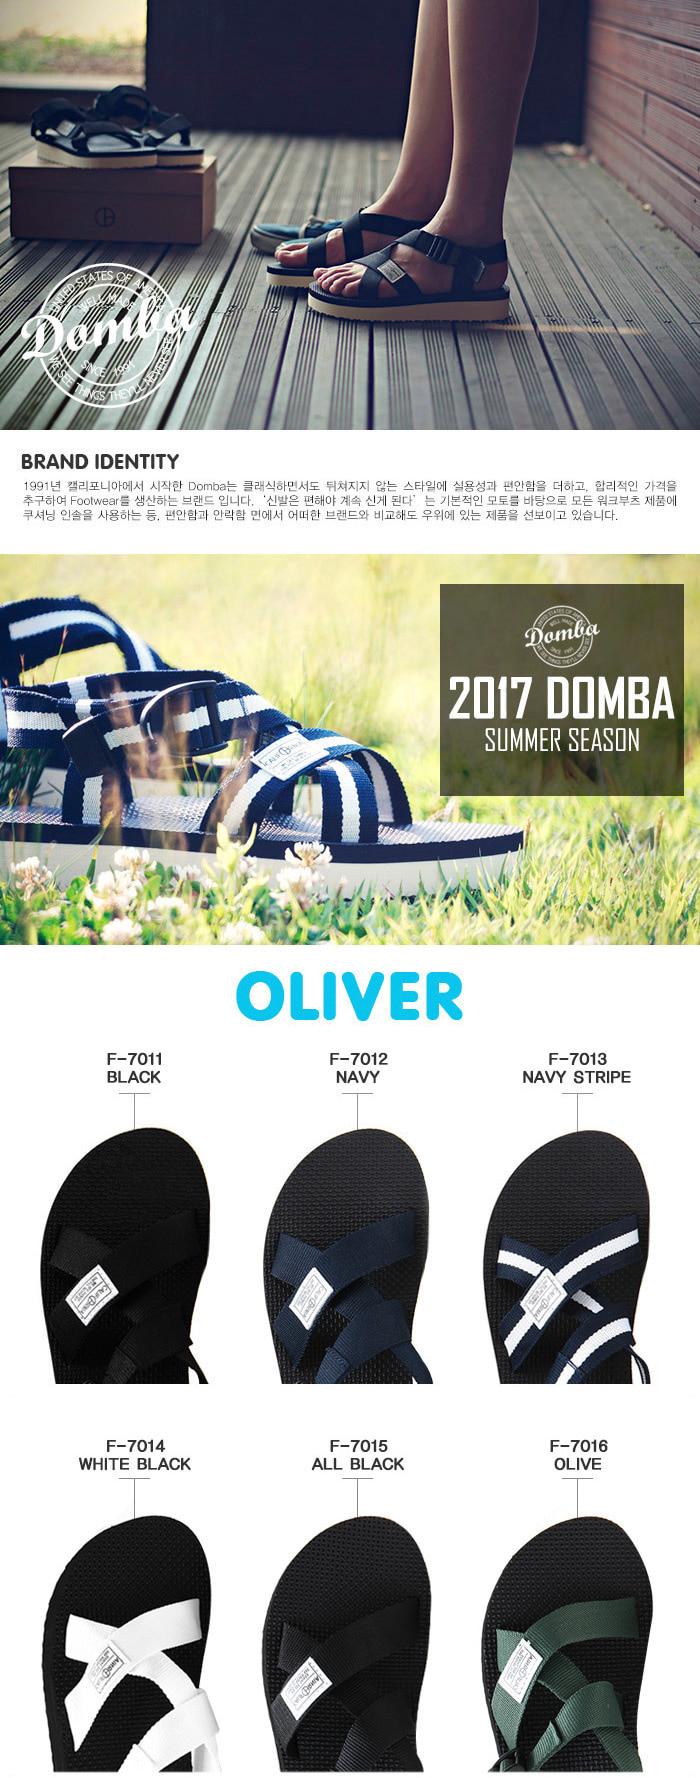 돔바(DOMBA) 돔바 올리버 (DOMBA OLIVER (ALL BLACK)) [F-7015]